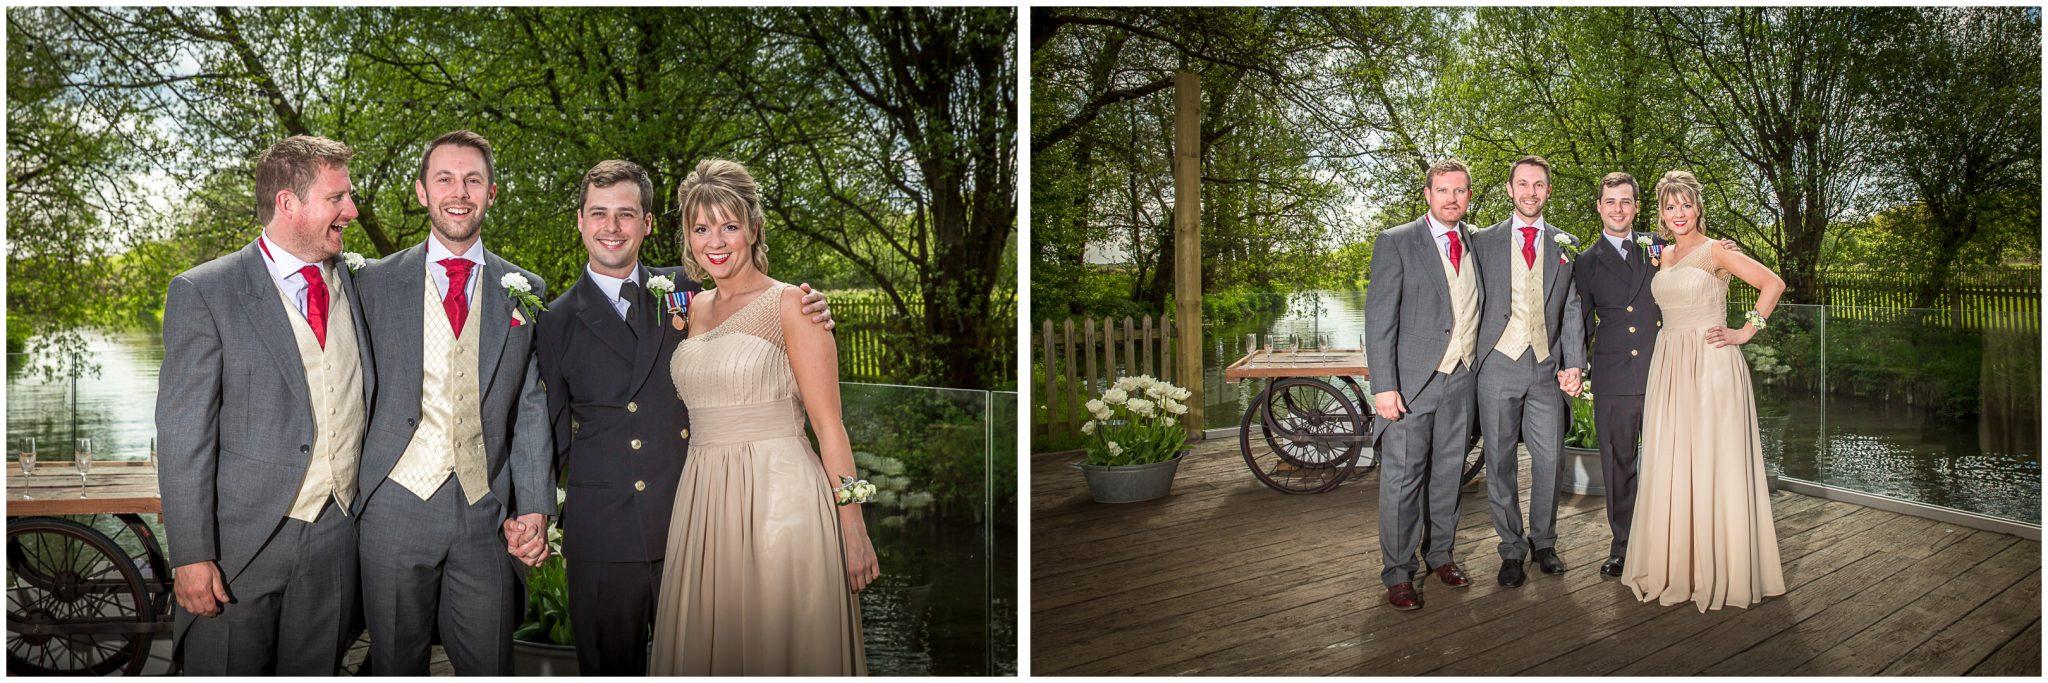 Sopley wedding photographer group photos on terrace